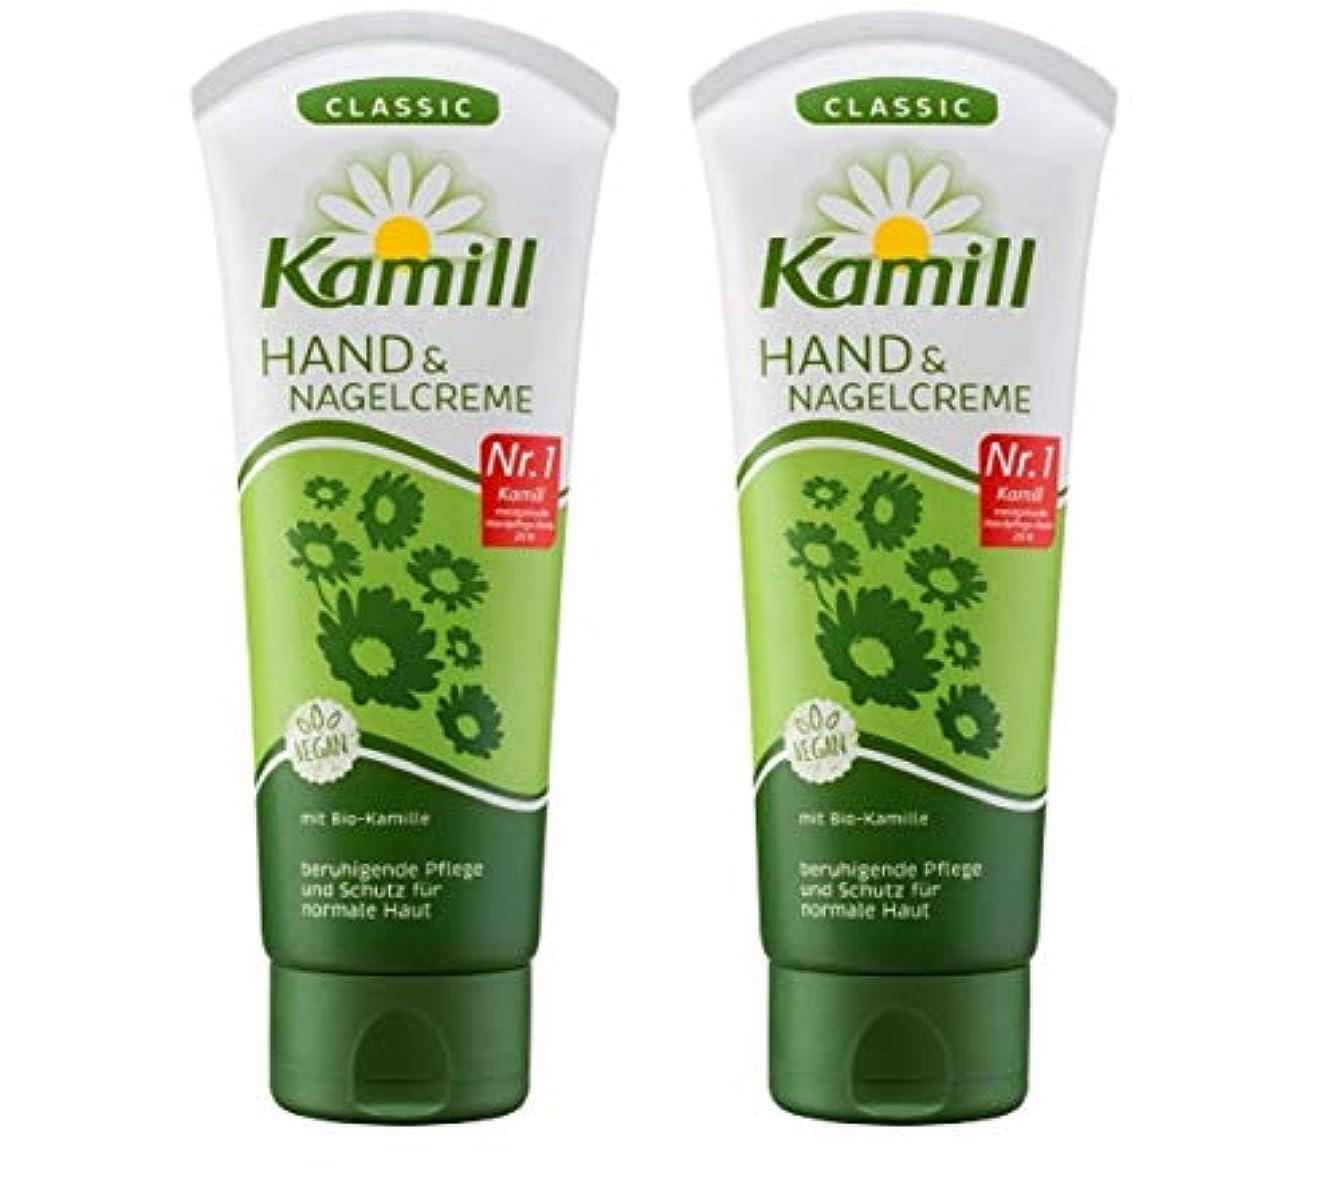 地下毒液被害者[Kamill]カミール ハンド&ネイルクリームクラシック100mlx2